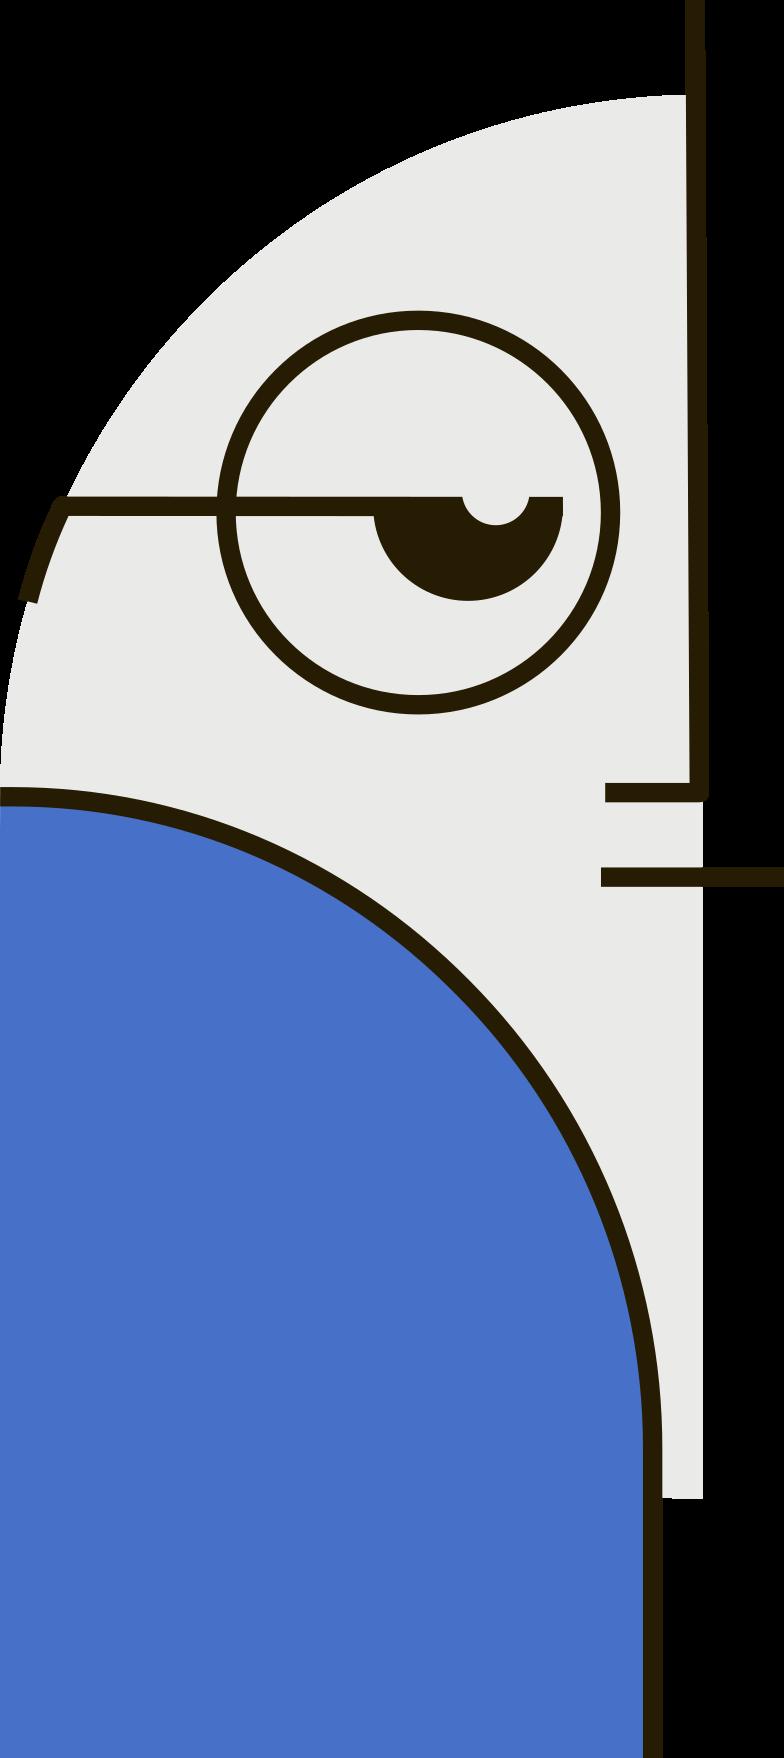 Vektorgrafik im  Stil person in gläsern als PNG und SVG | Icons8 Grafiken